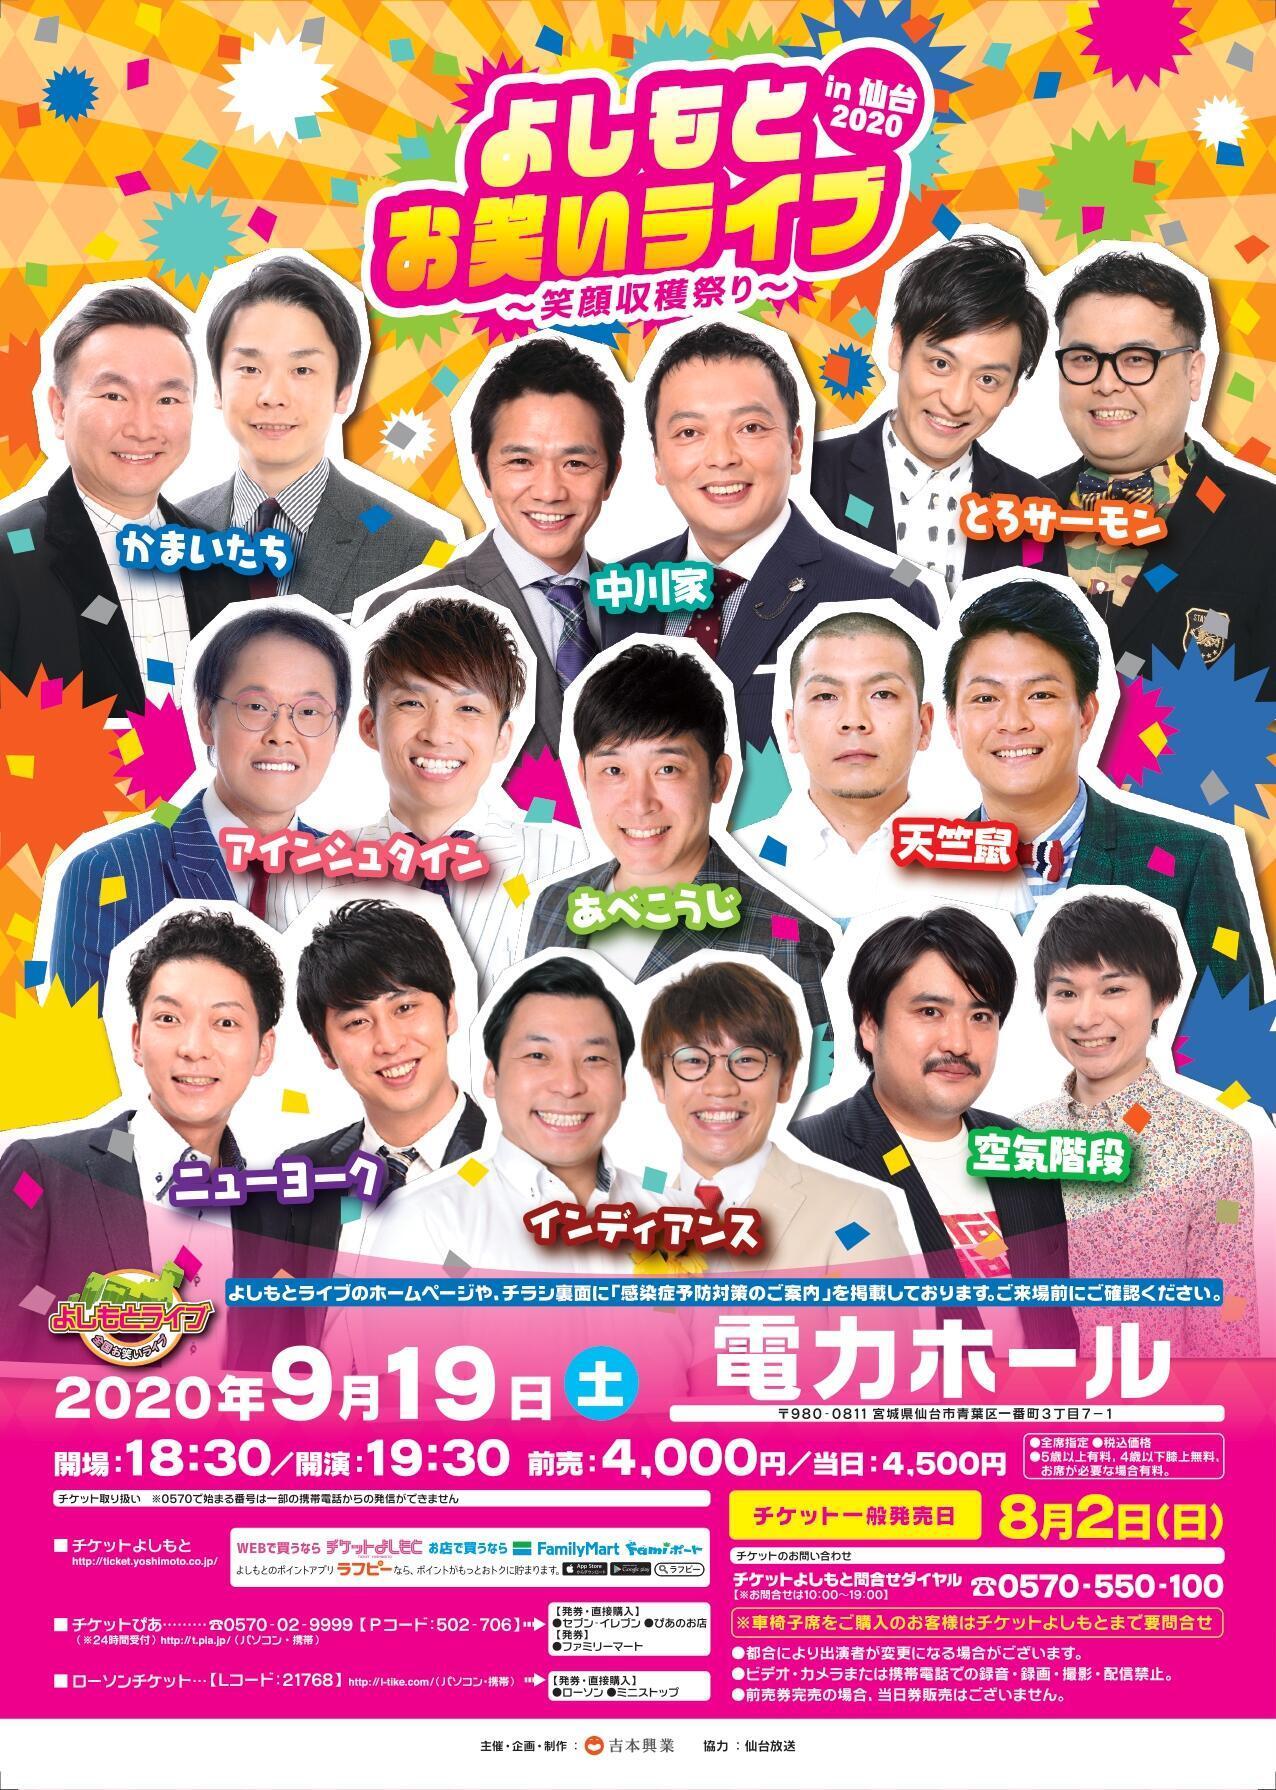 http://www.syumatsu.jp/20200729123912-00770be9357dccae1b486a84ca492053792c69b3.jpg